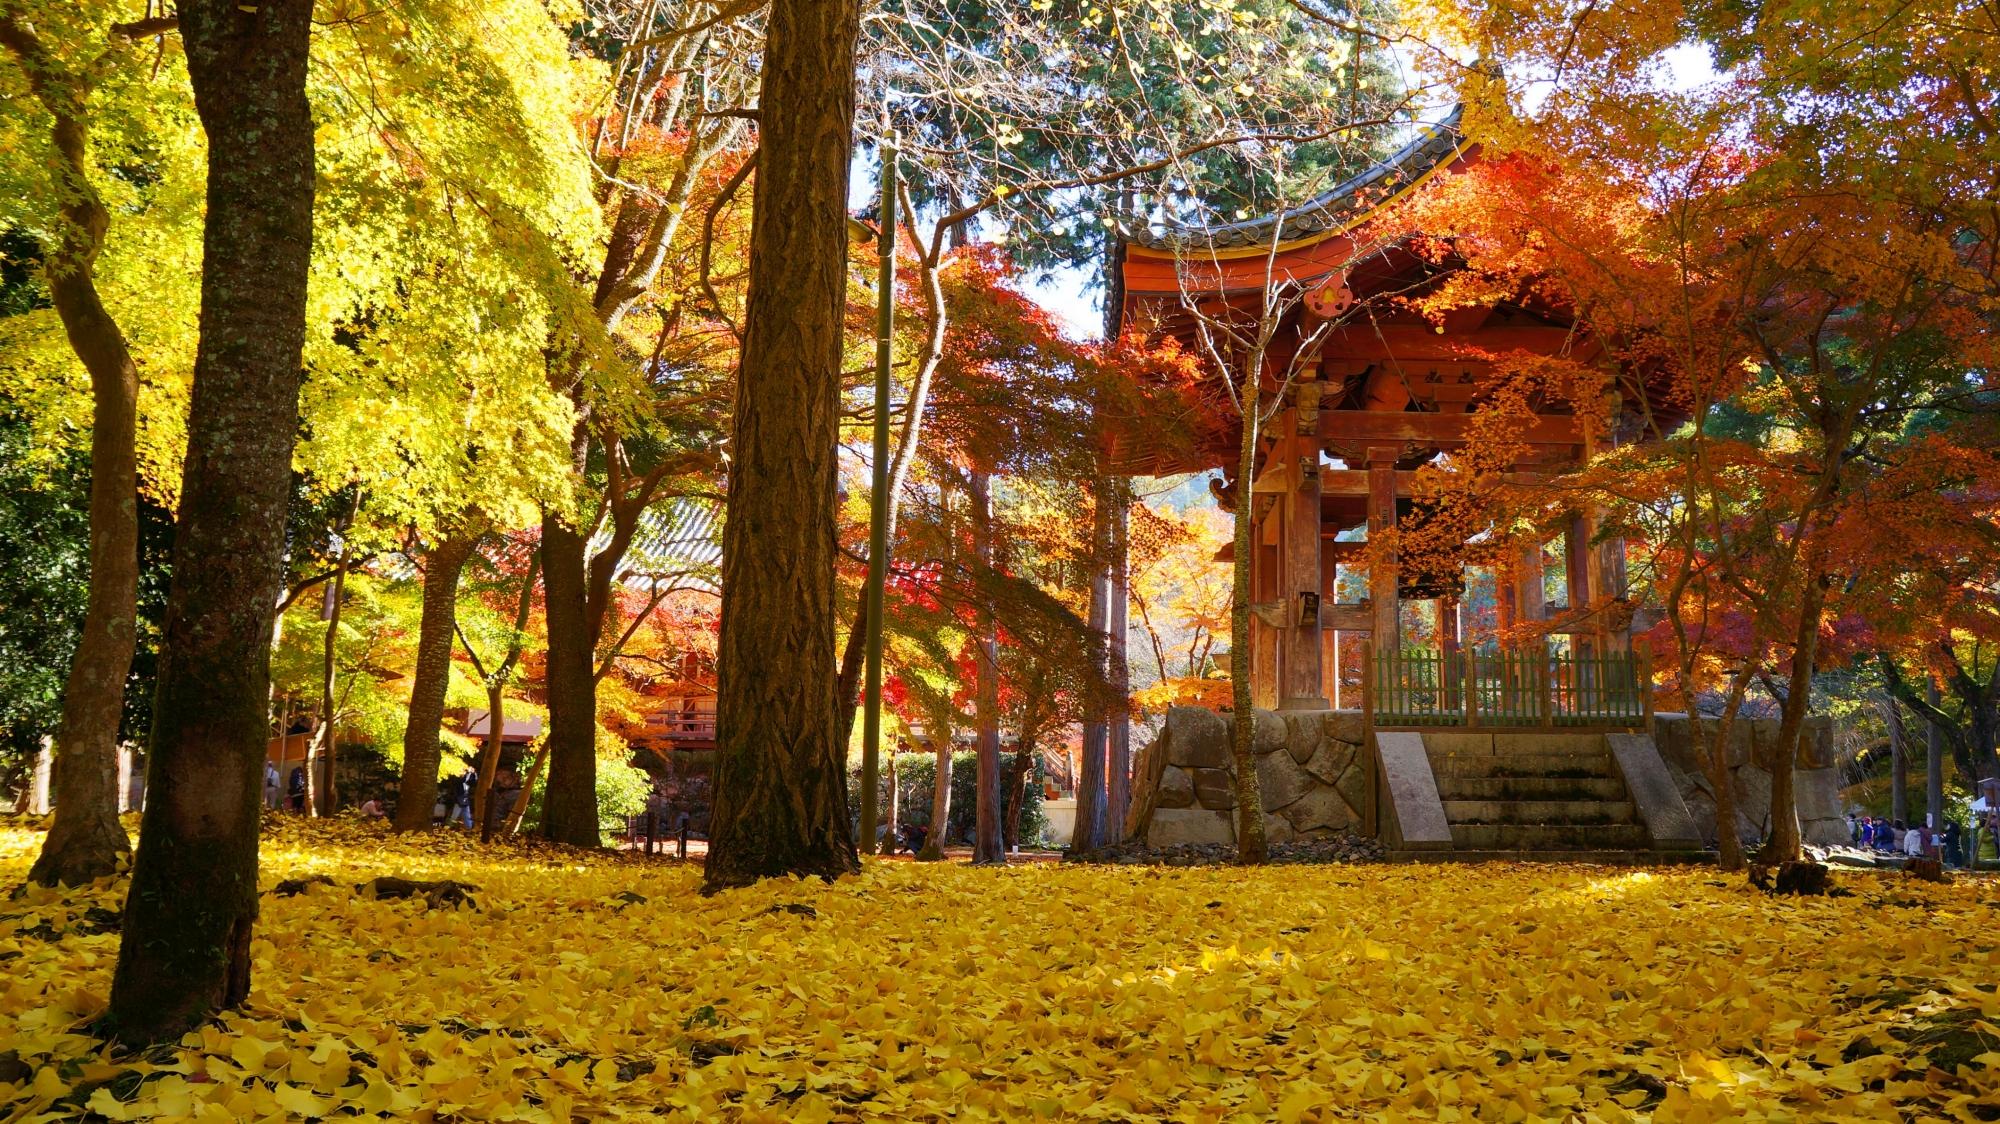 醍醐寺の鐘楼と銀杏の絨毯